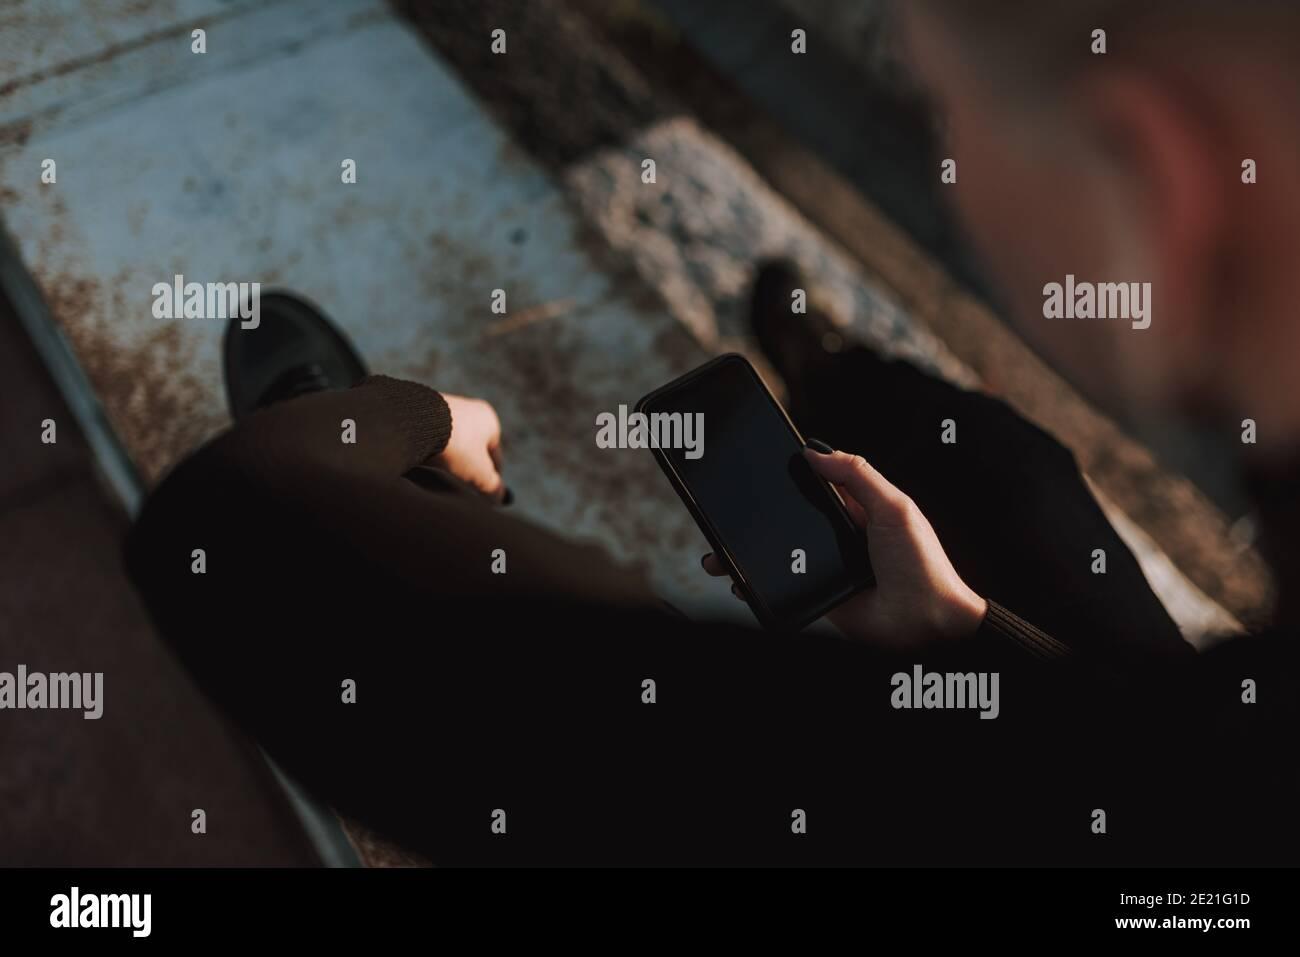 Vue de dessus des mains de dame en utilisant un smartphone tout en étant assis en métal construction à l'extérieur Banque D'Images